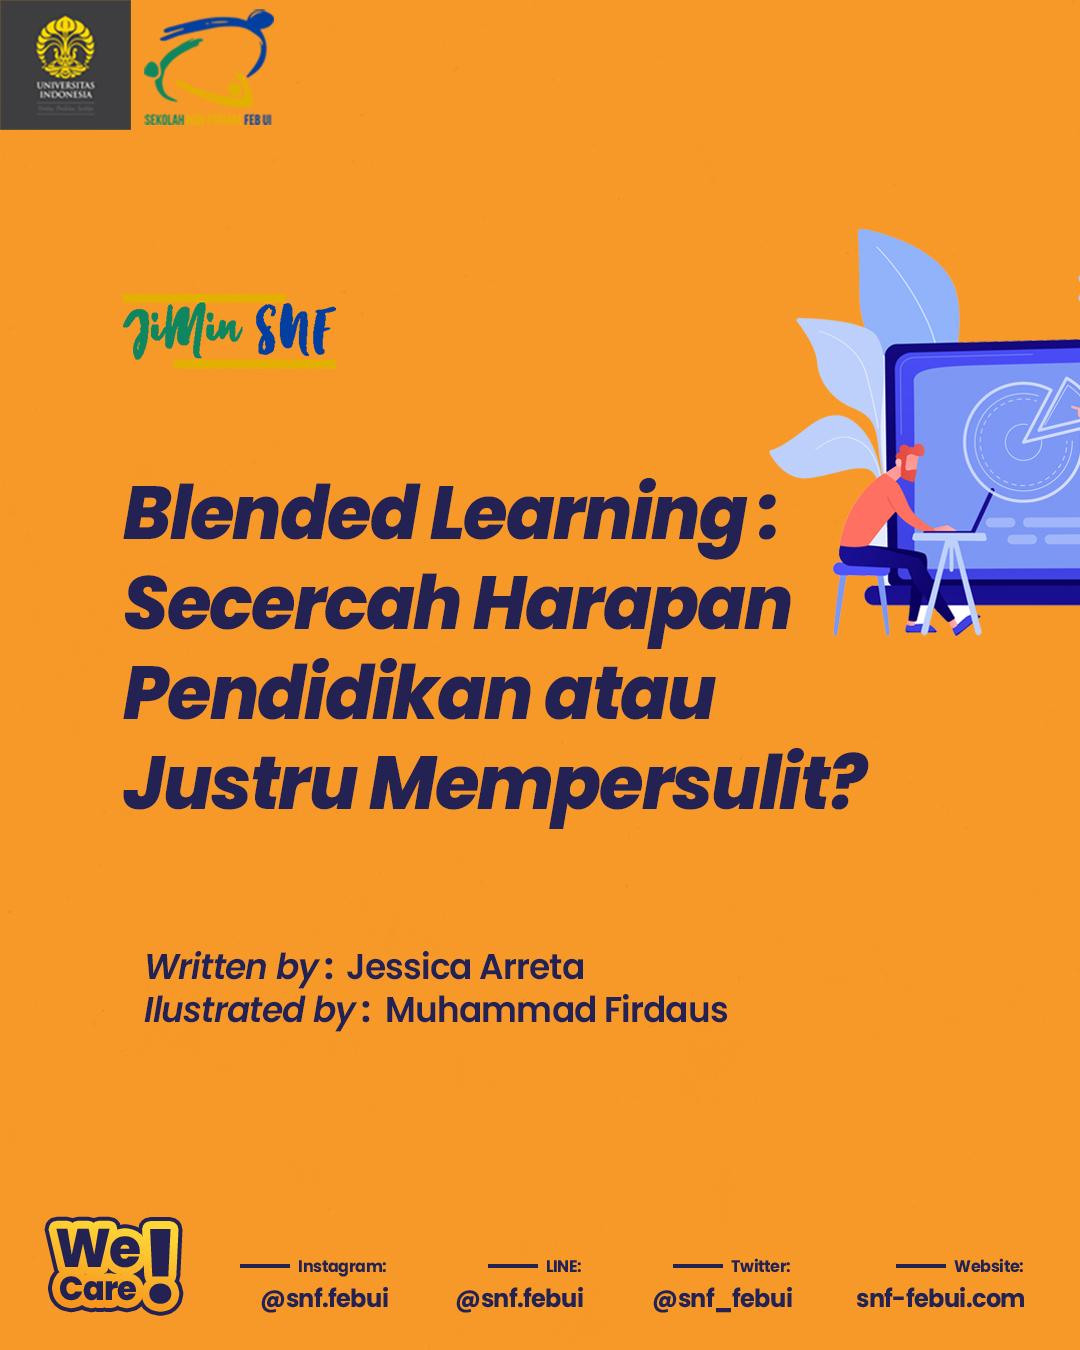 [JiMin SNF: Blended Learning: Secercah Harapan Pendidikan atau Justru Mempersulit?]